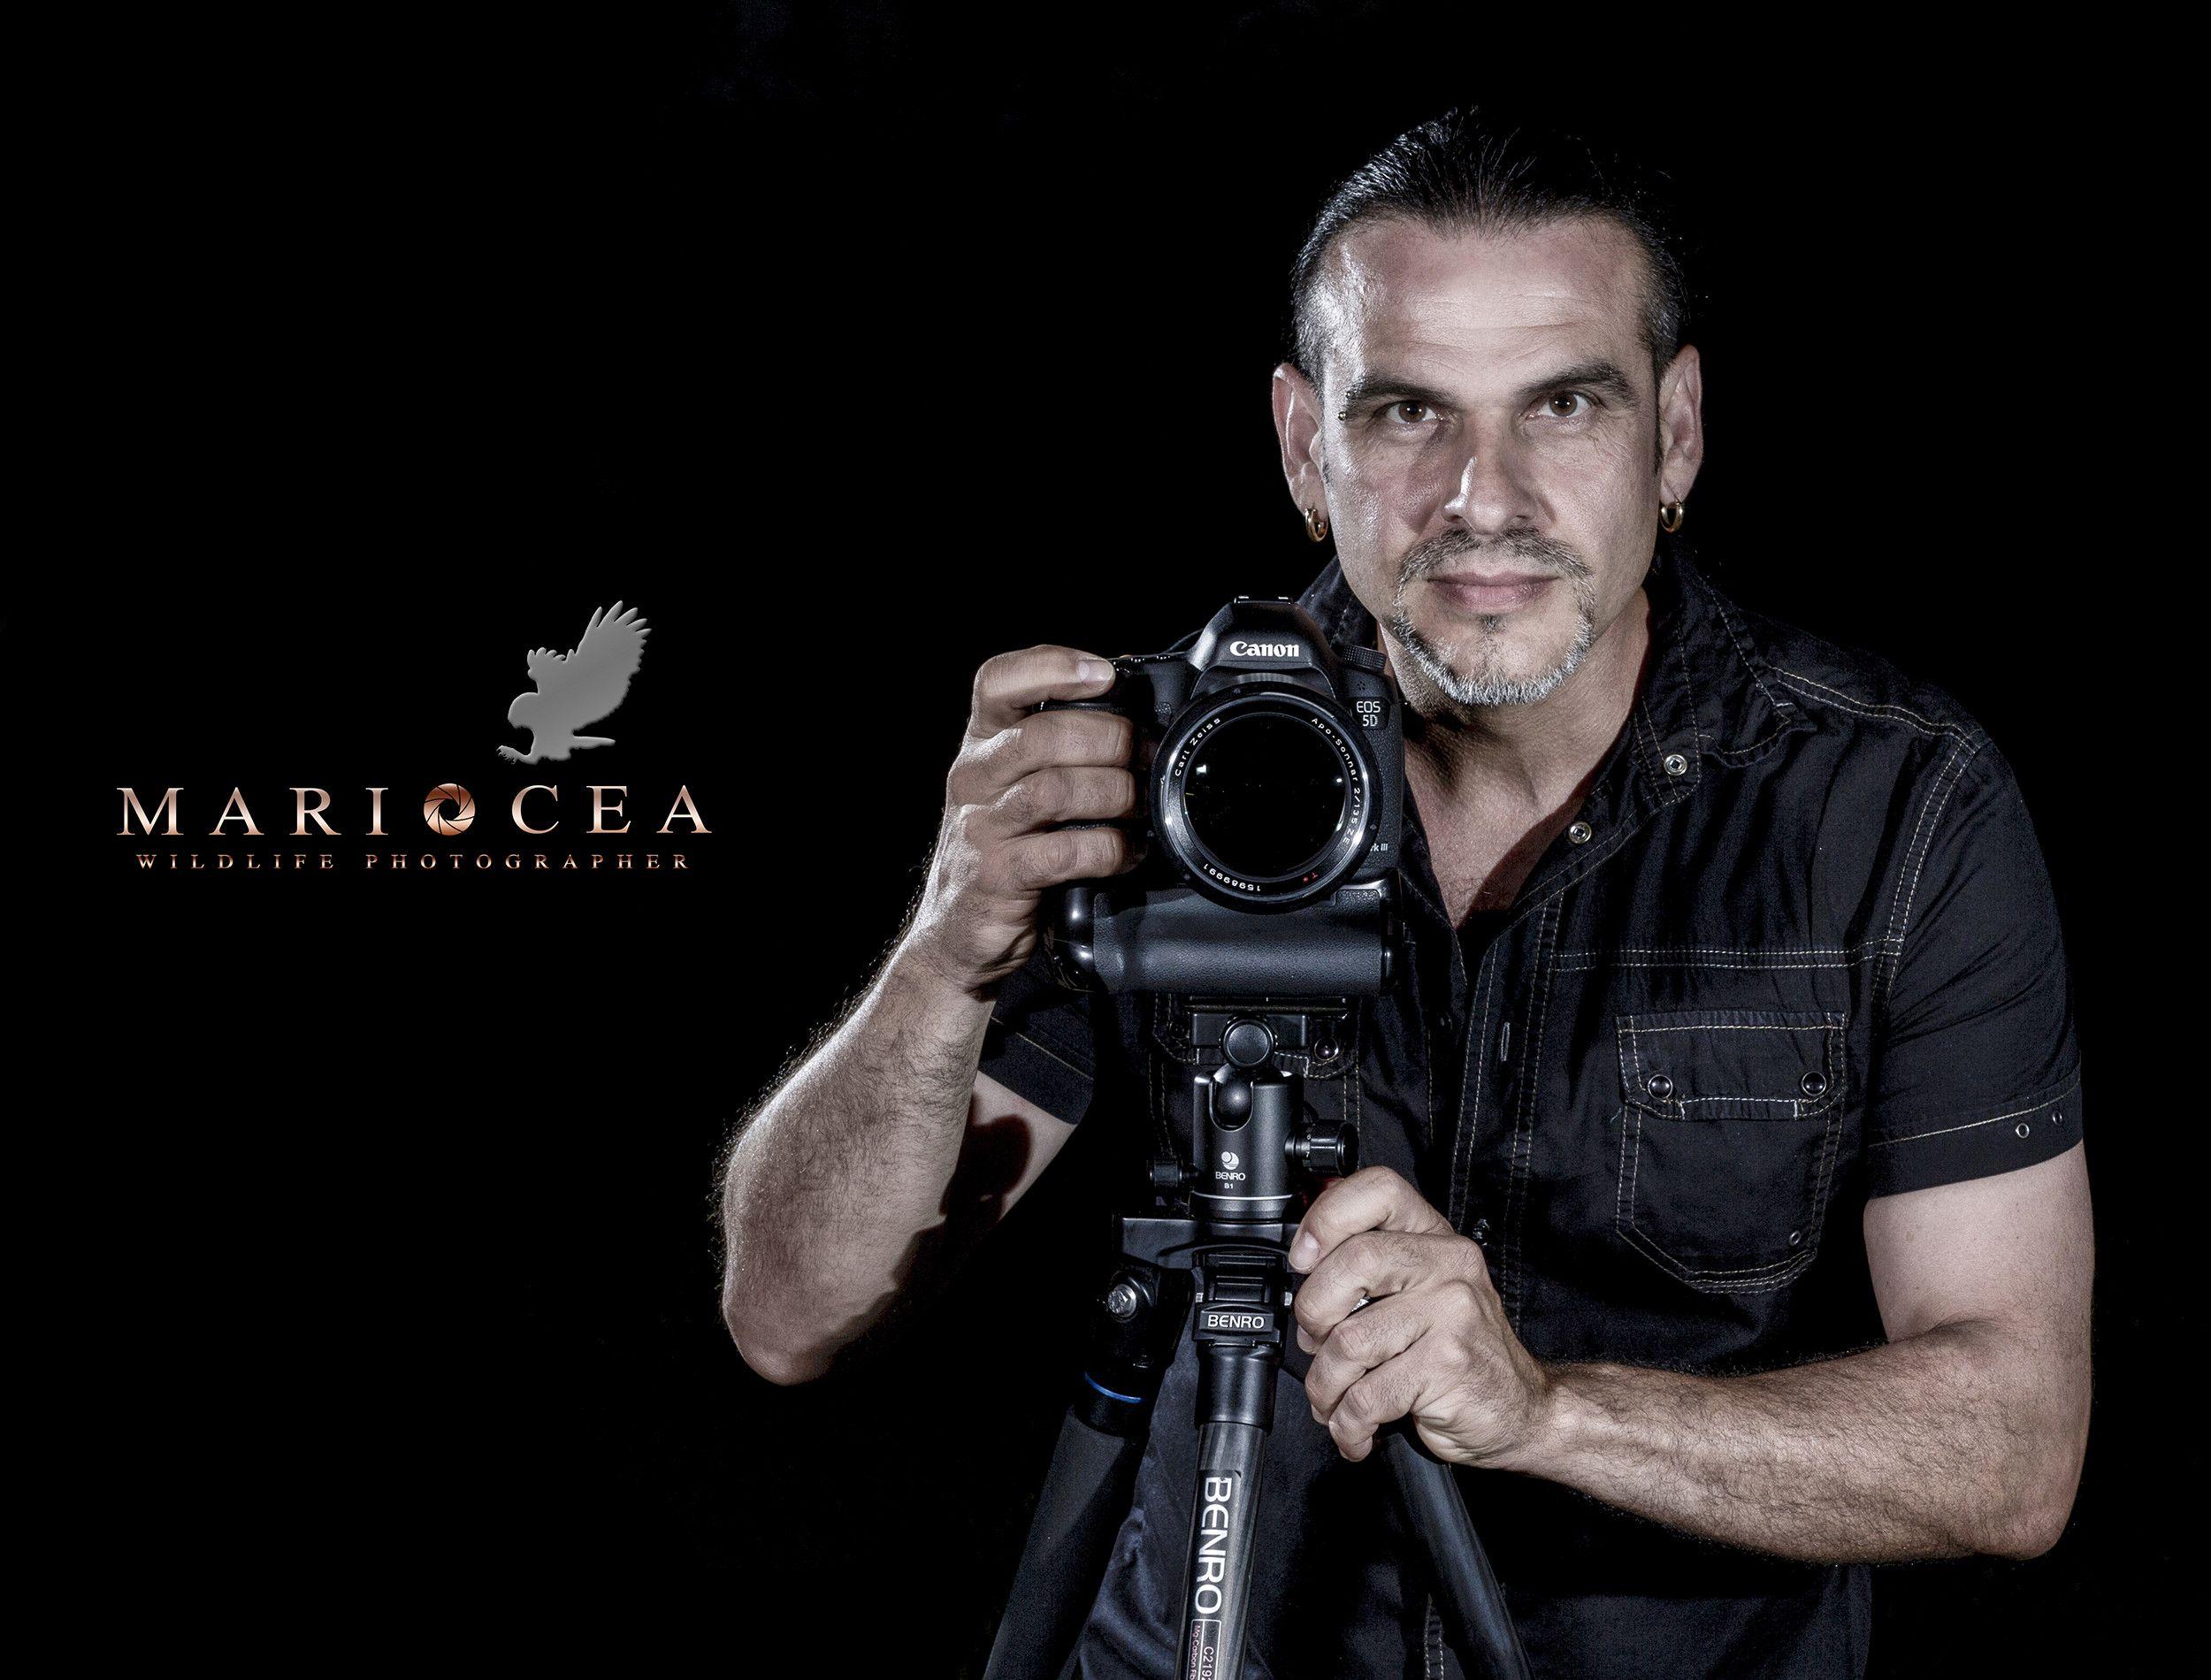 Mario Cea.